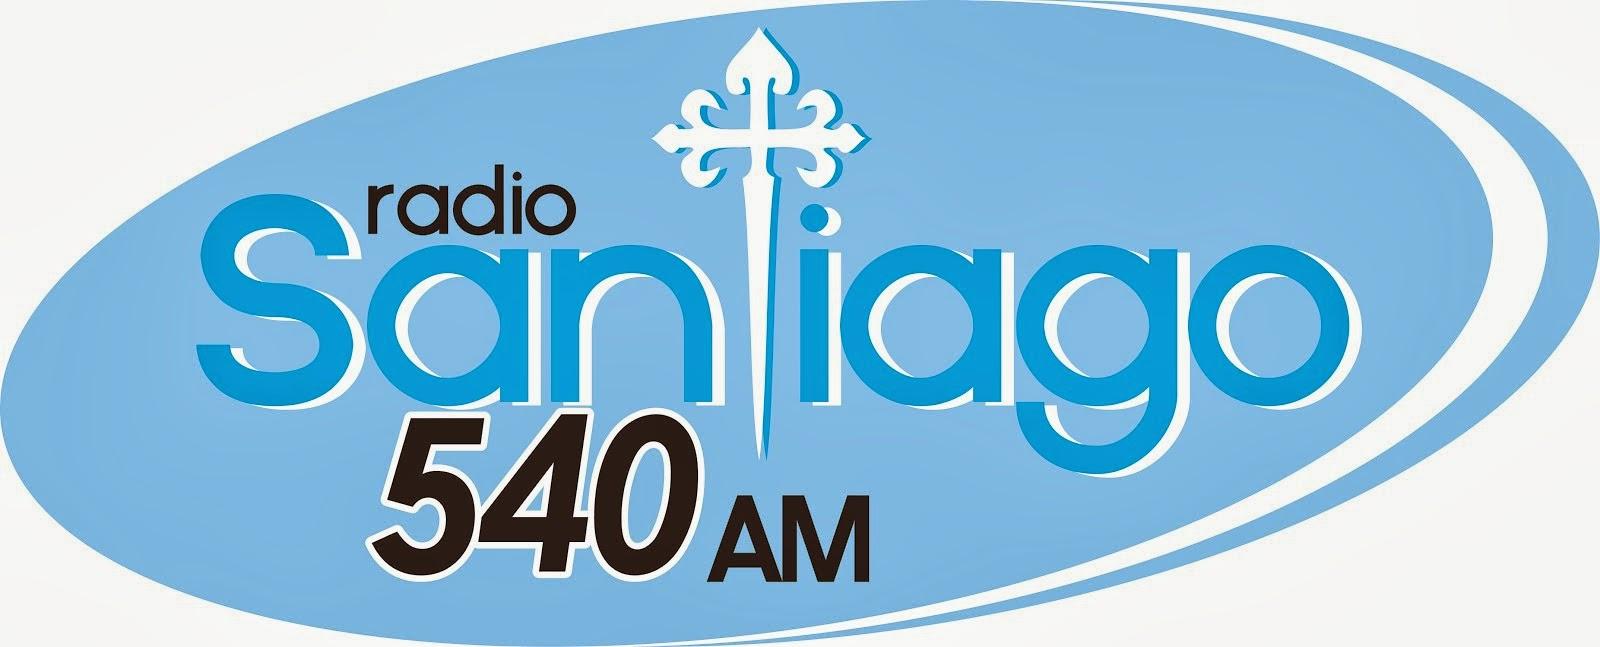 Visita nuestra web y escucha la radio en vivo: